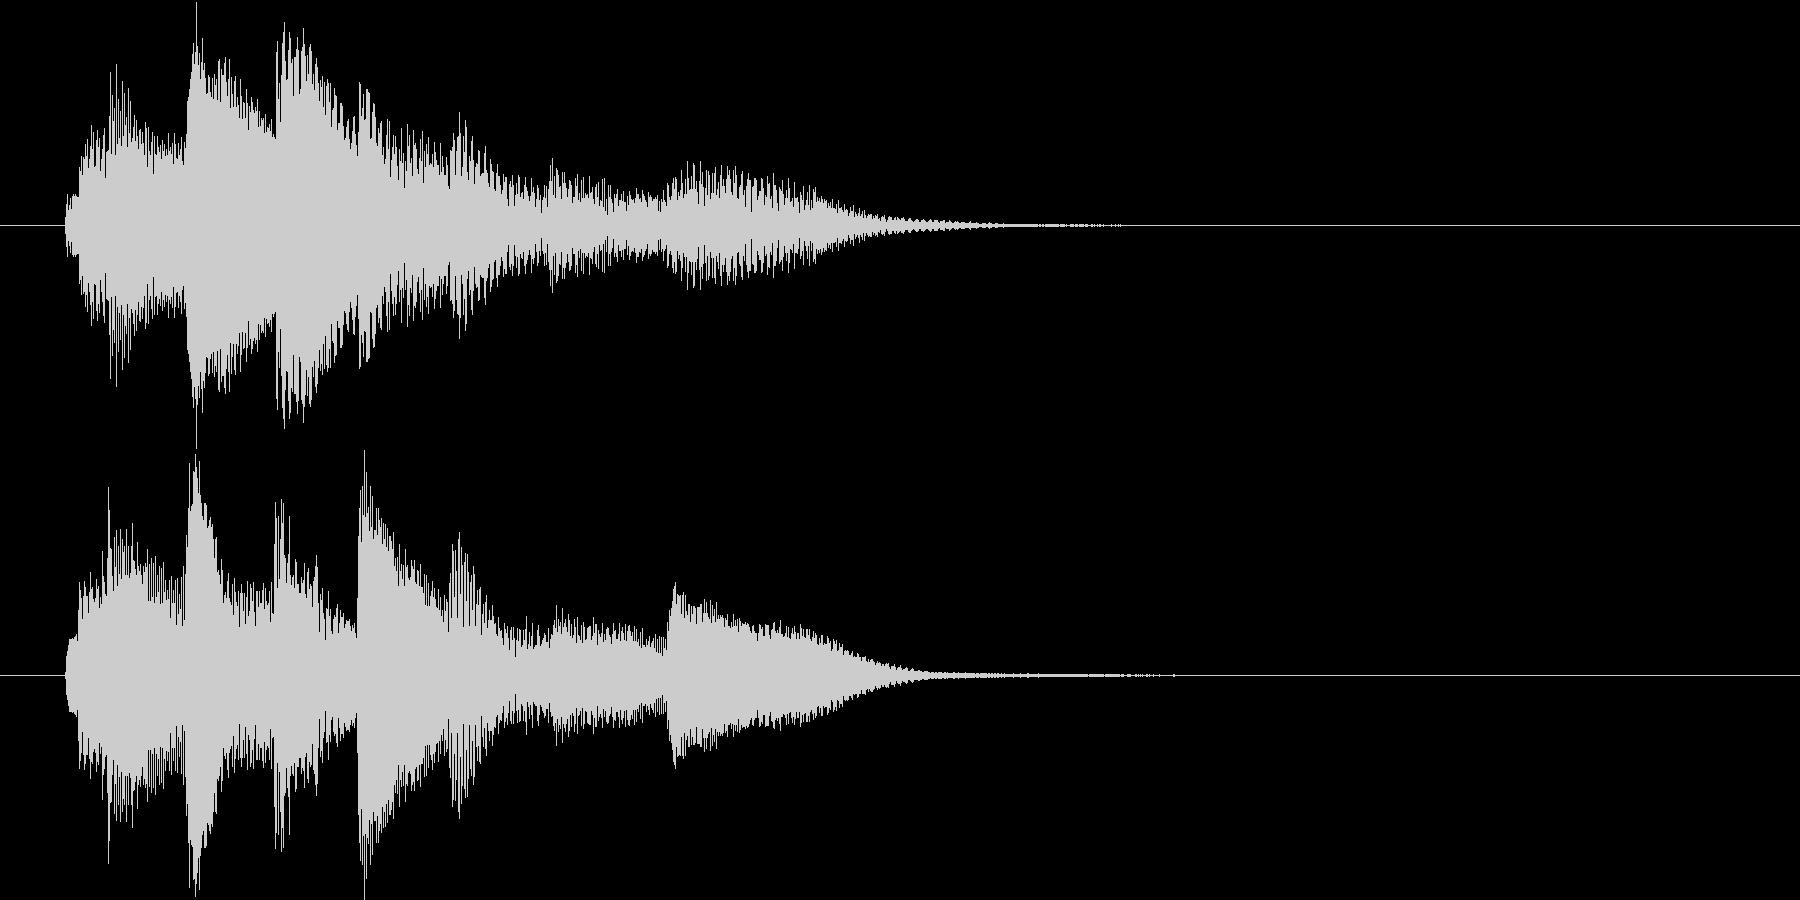 場面転換用ピアノソロの短いジングルの未再生の波形